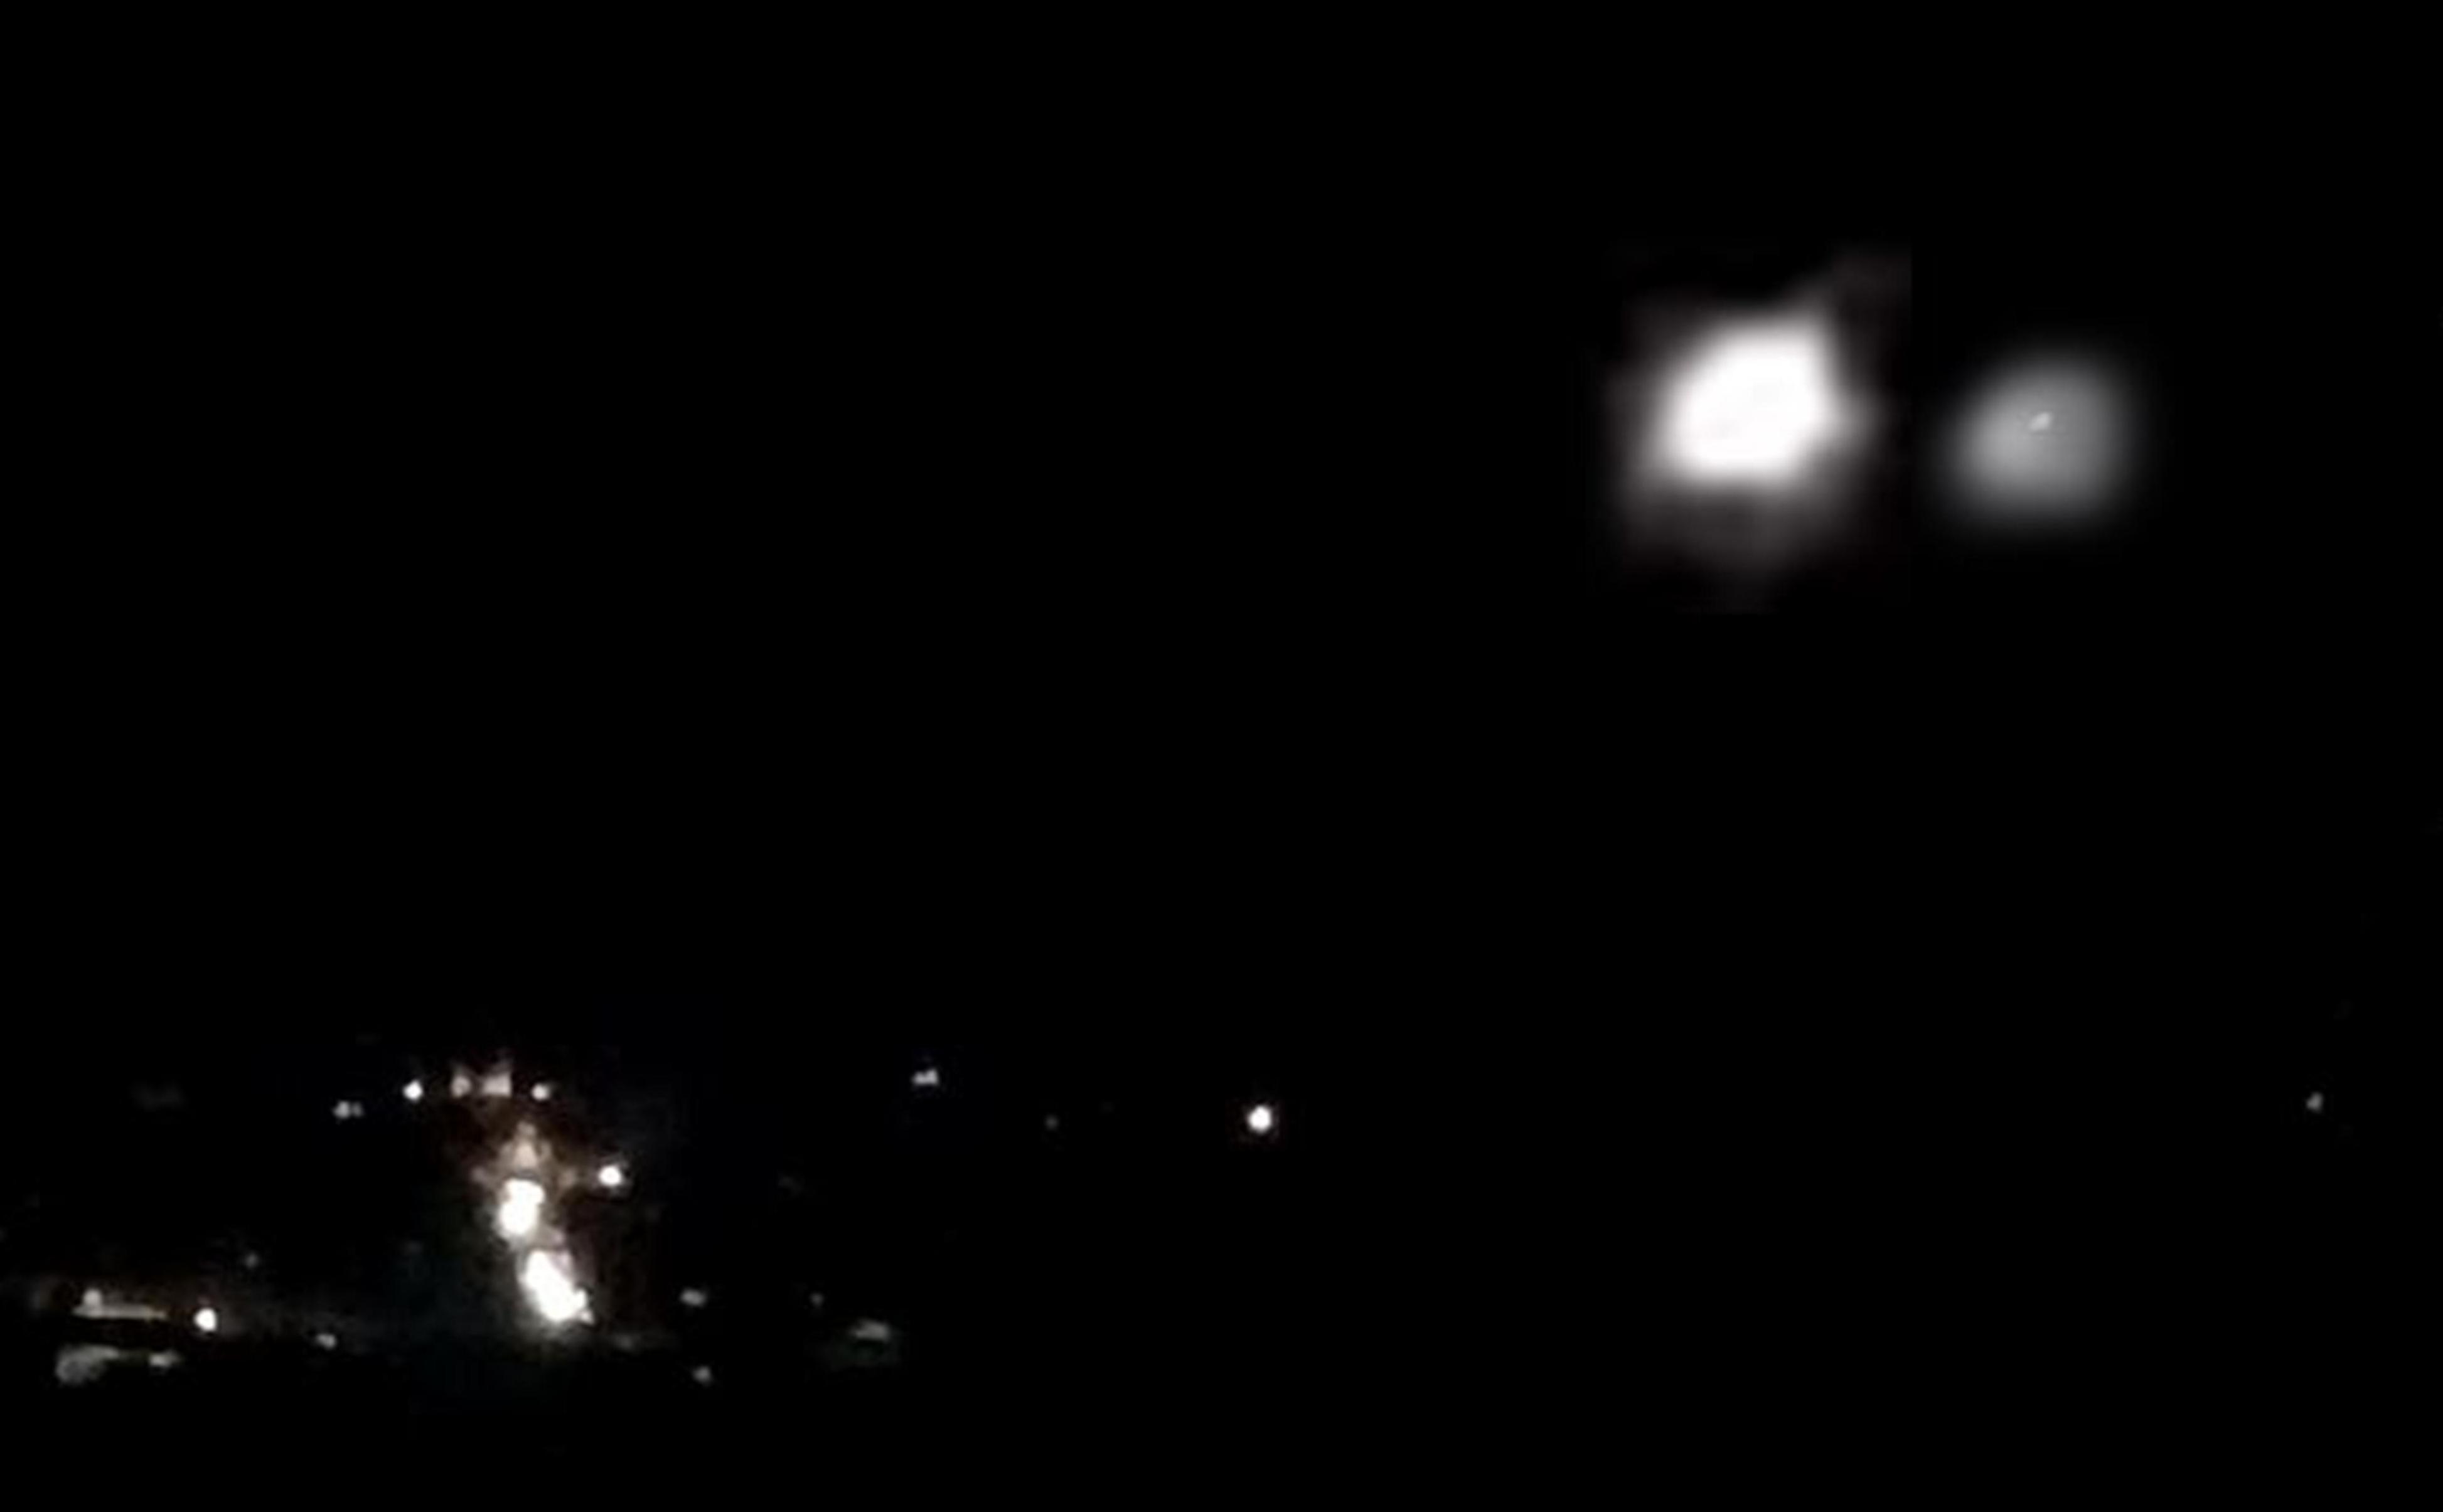 Ufo a Catania, la certezza è la frequenza degli avvistamenti